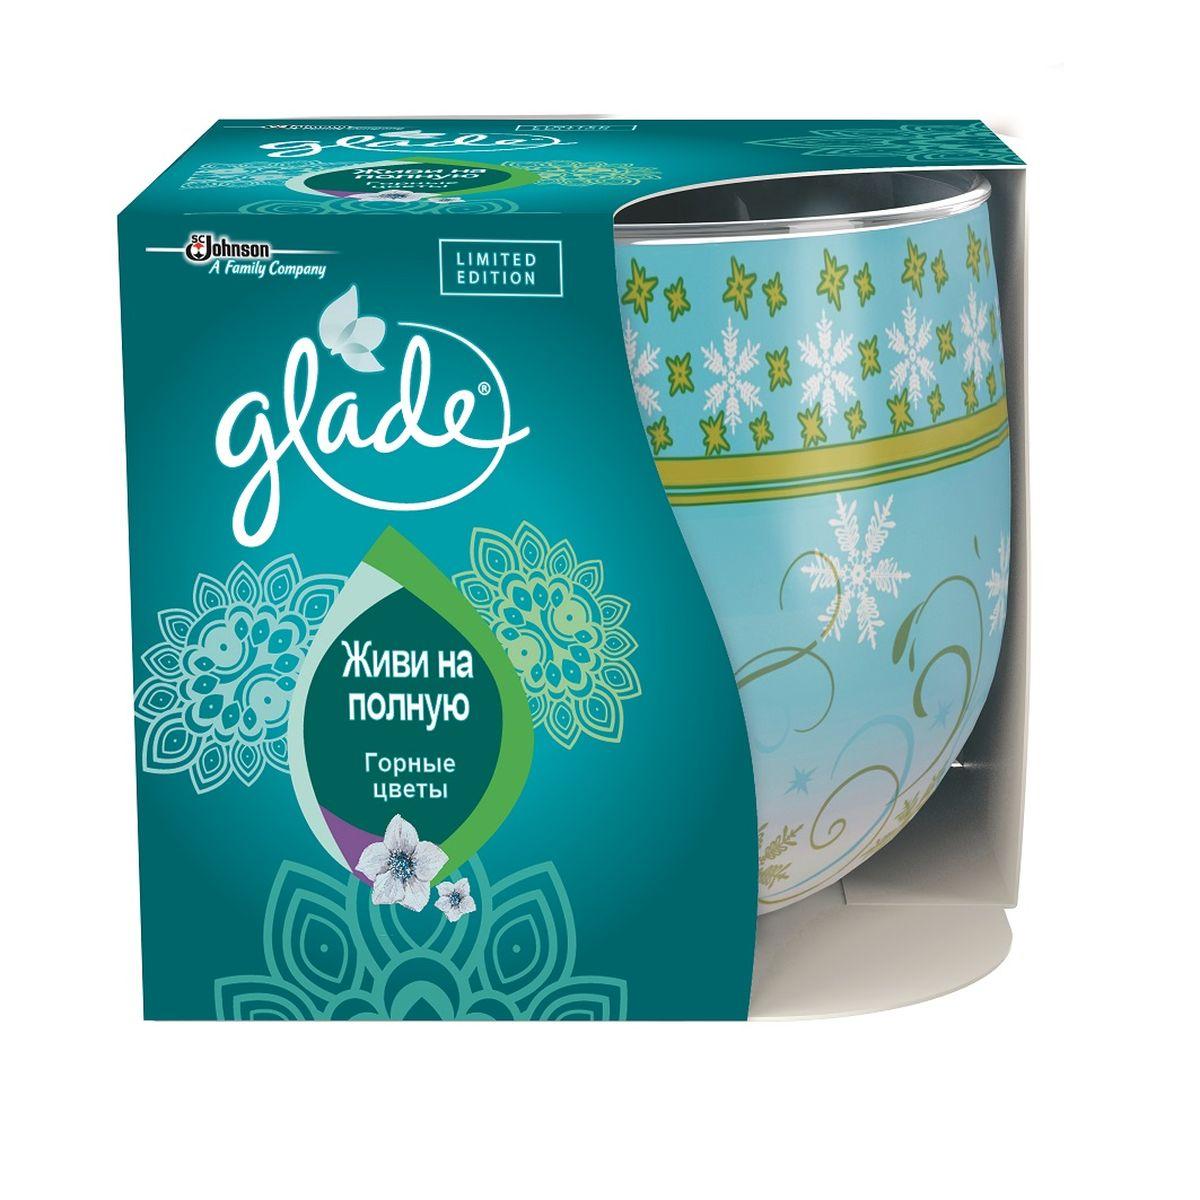 """Свеча ароматизированная Glade """"Живи на полную"""", горные цветы, 120 г 684768"""